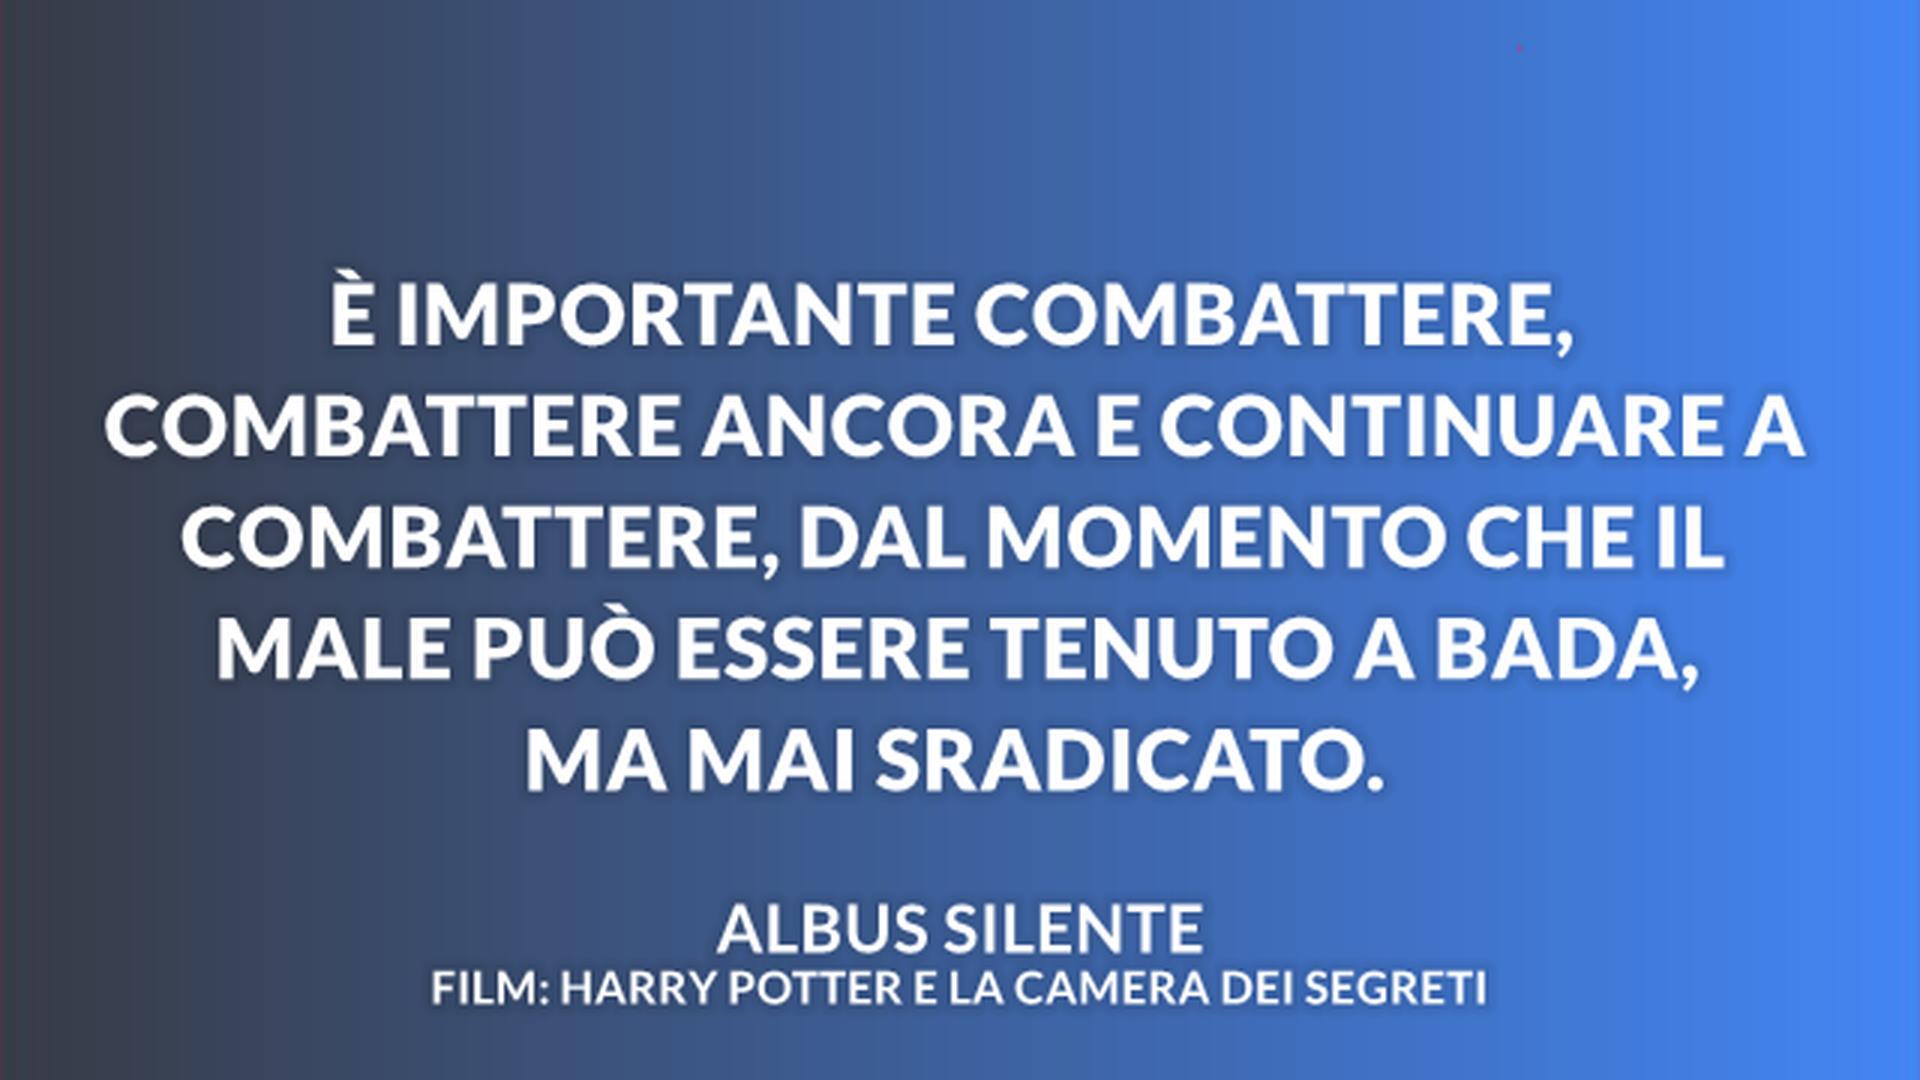 Le Frasi Dei Film Di Harry Potter Piu Belle Ed Emozionanti Della Saga